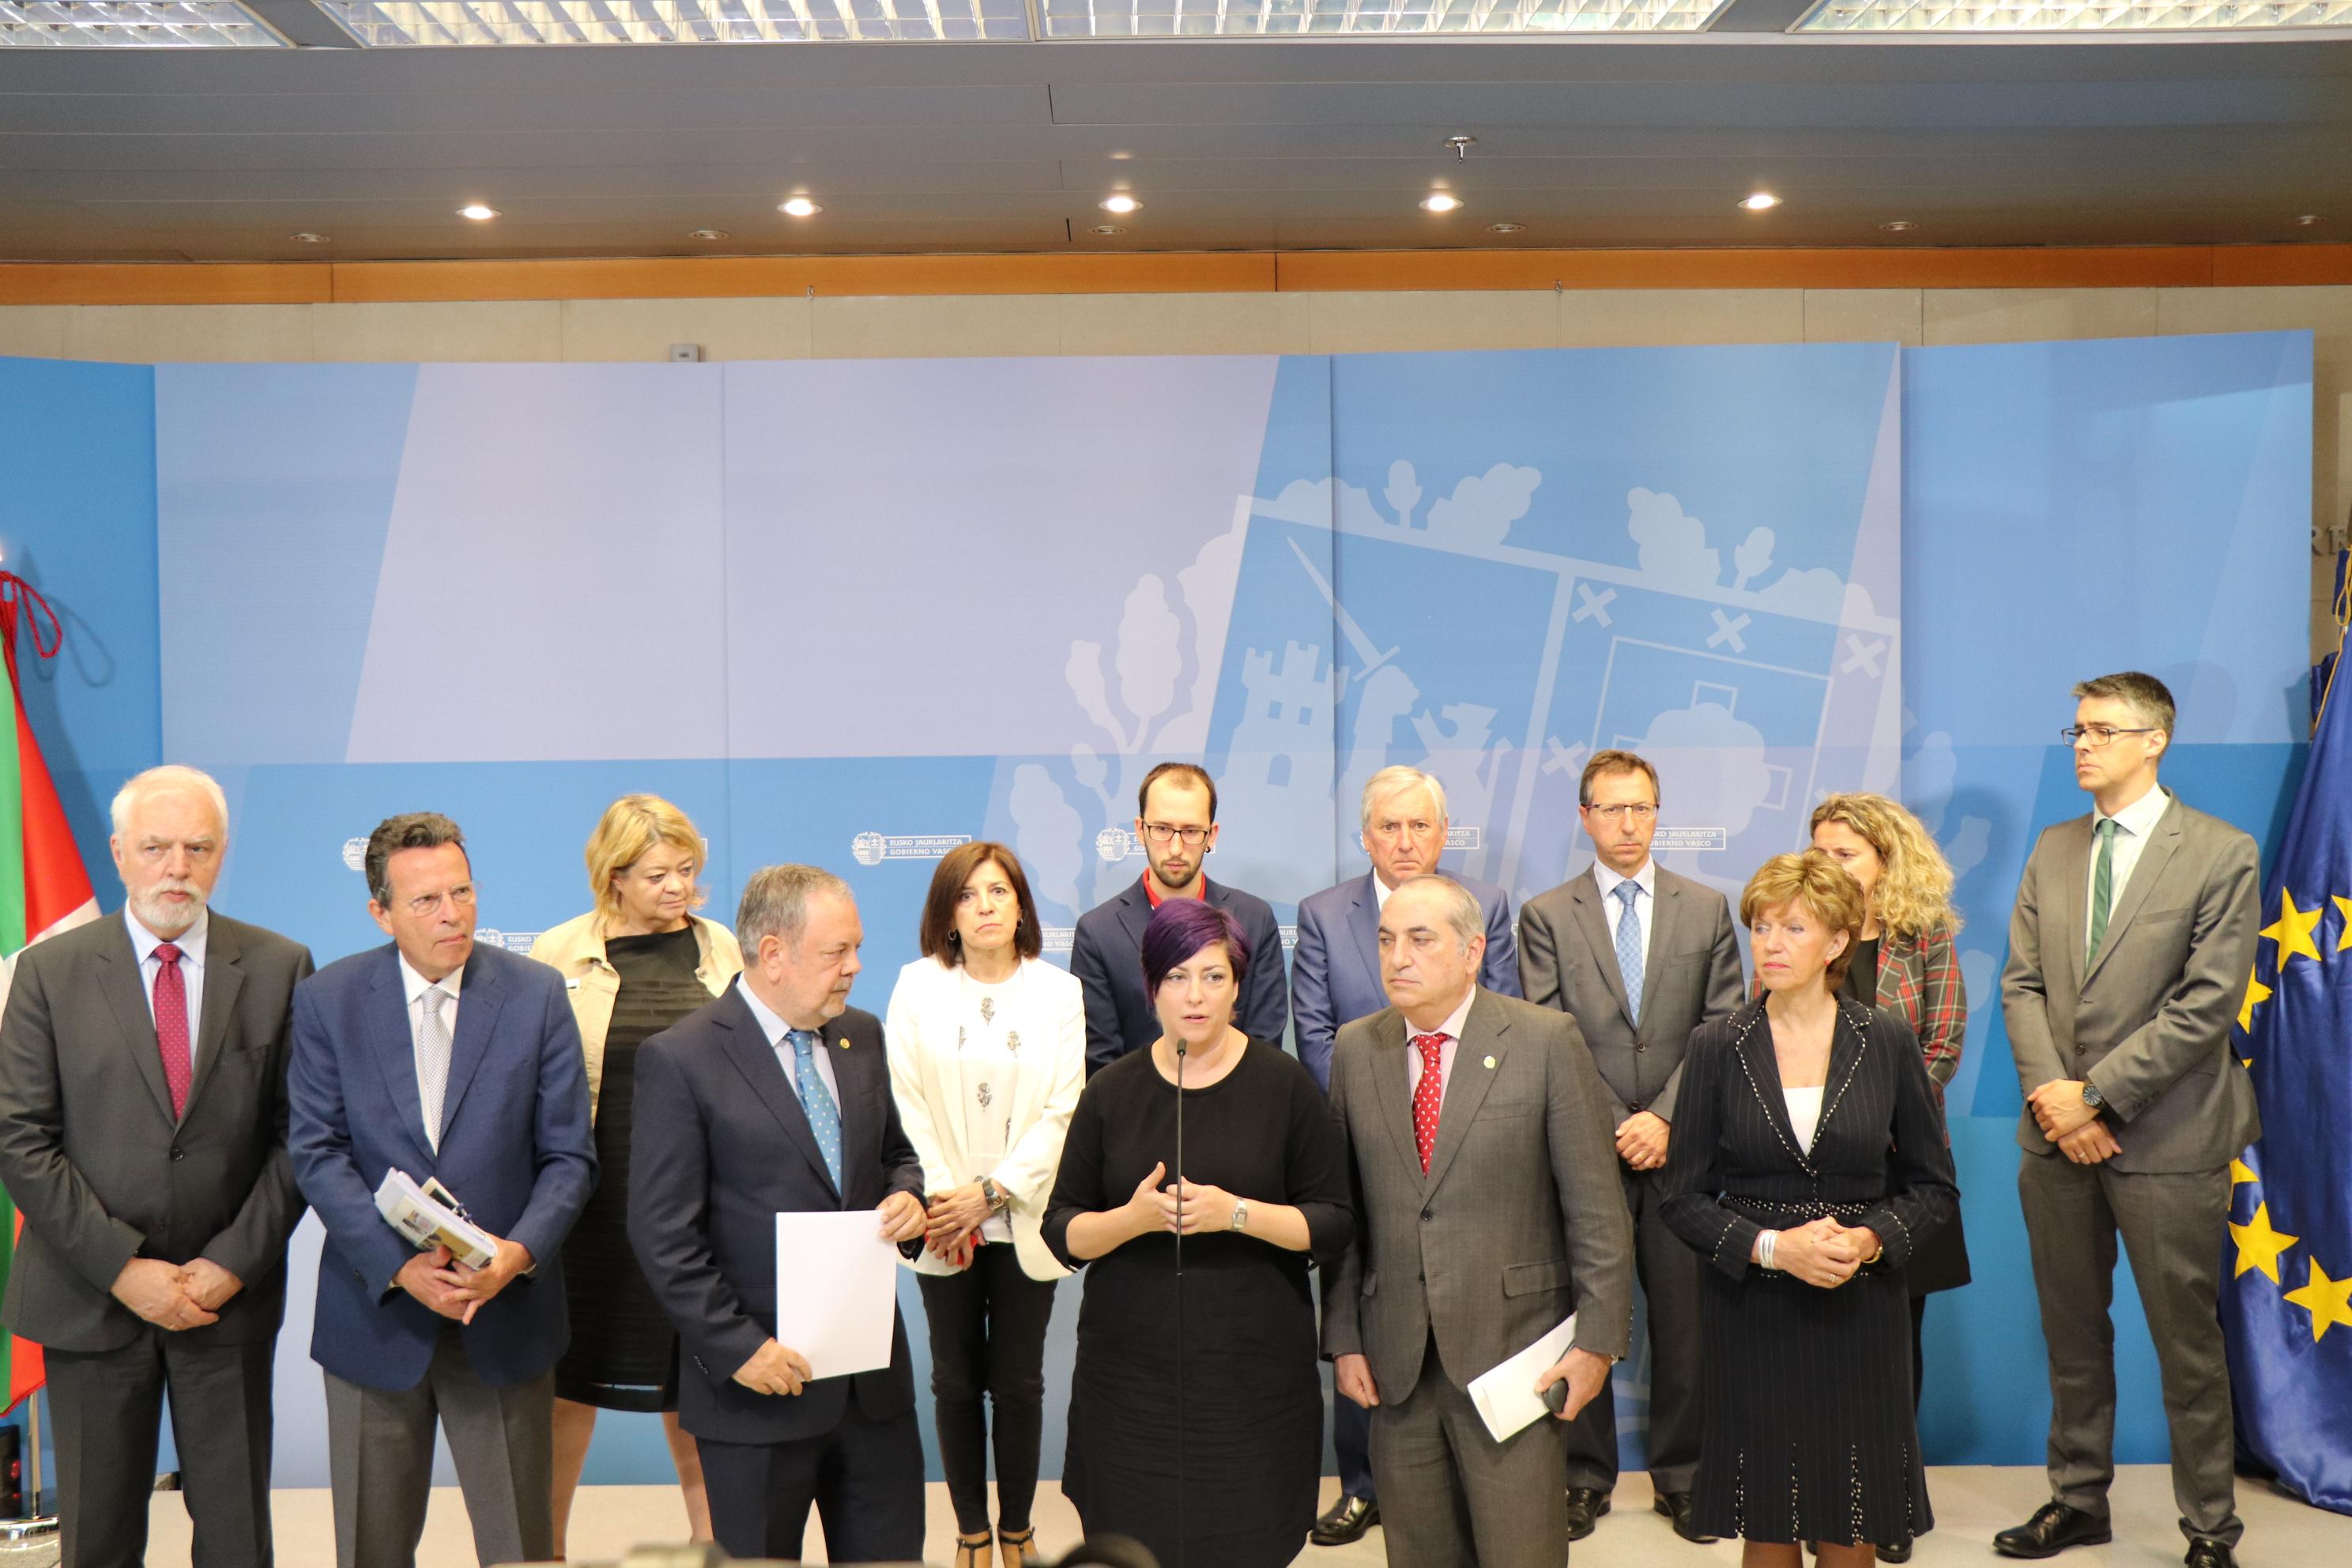 azpiazu_arriola_parlamento_europeo_04.jpg